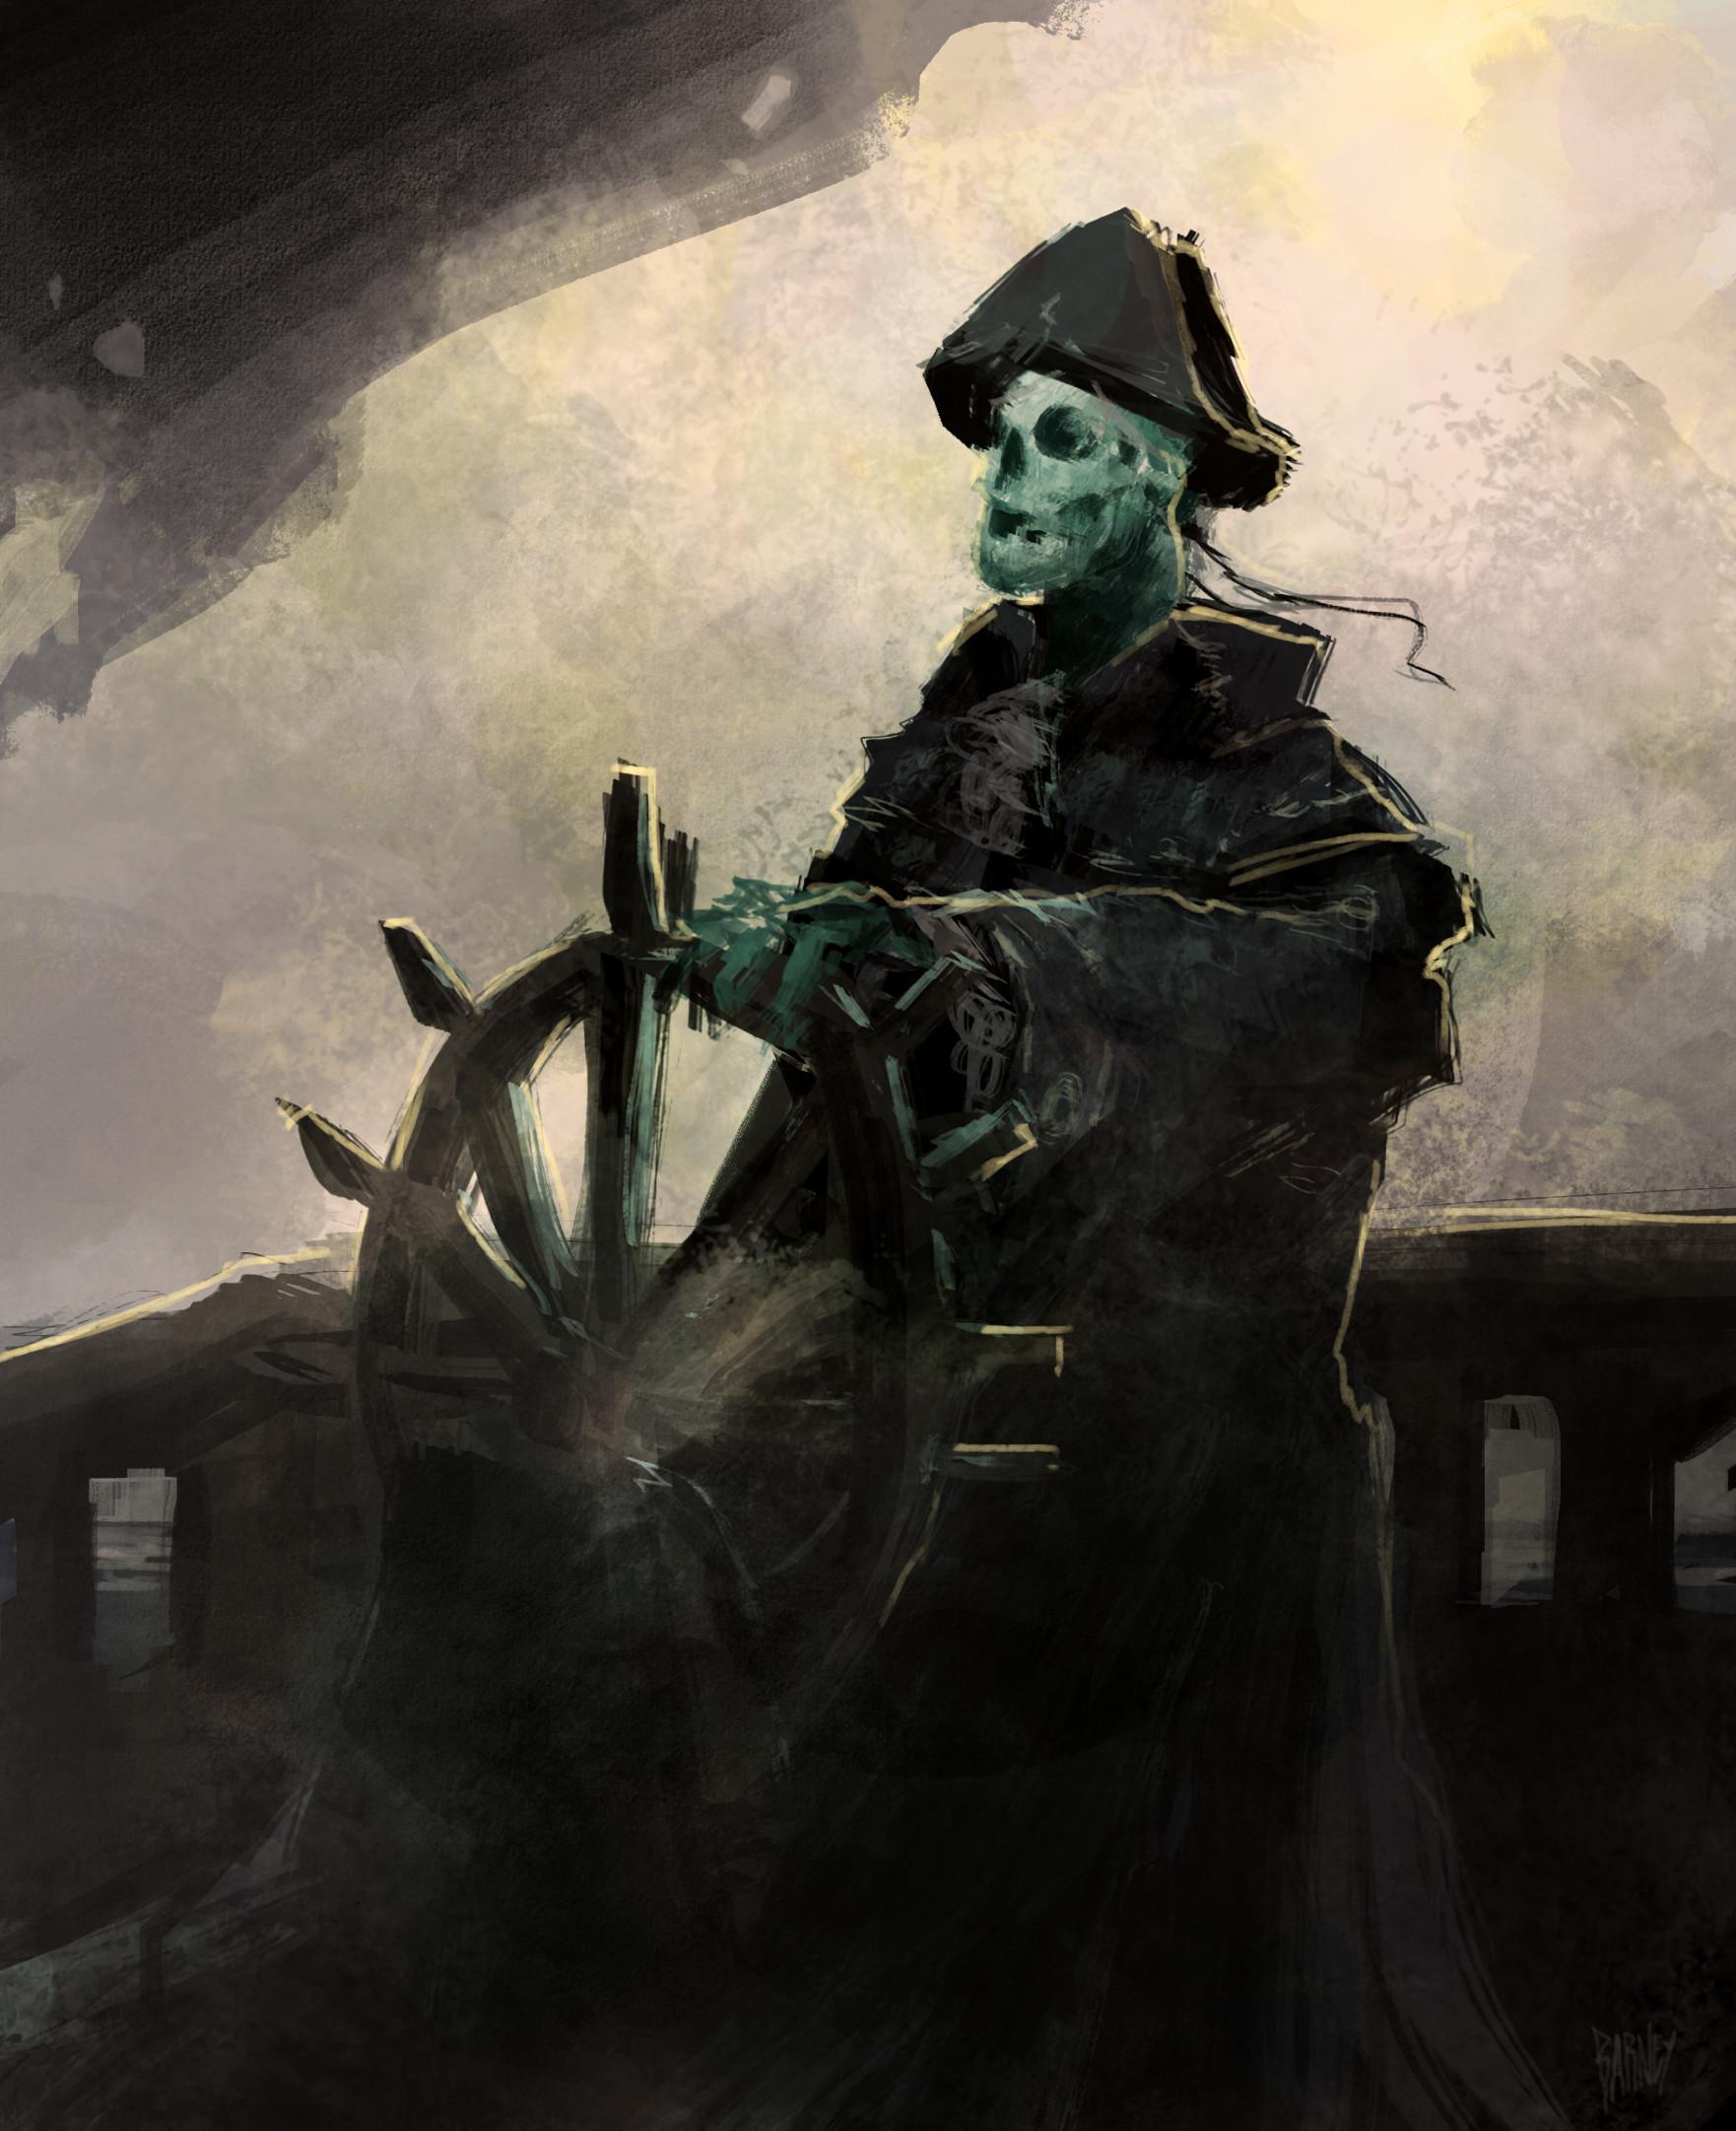 Ale romero marchesi alejandro romero marchesi ghost ship captain